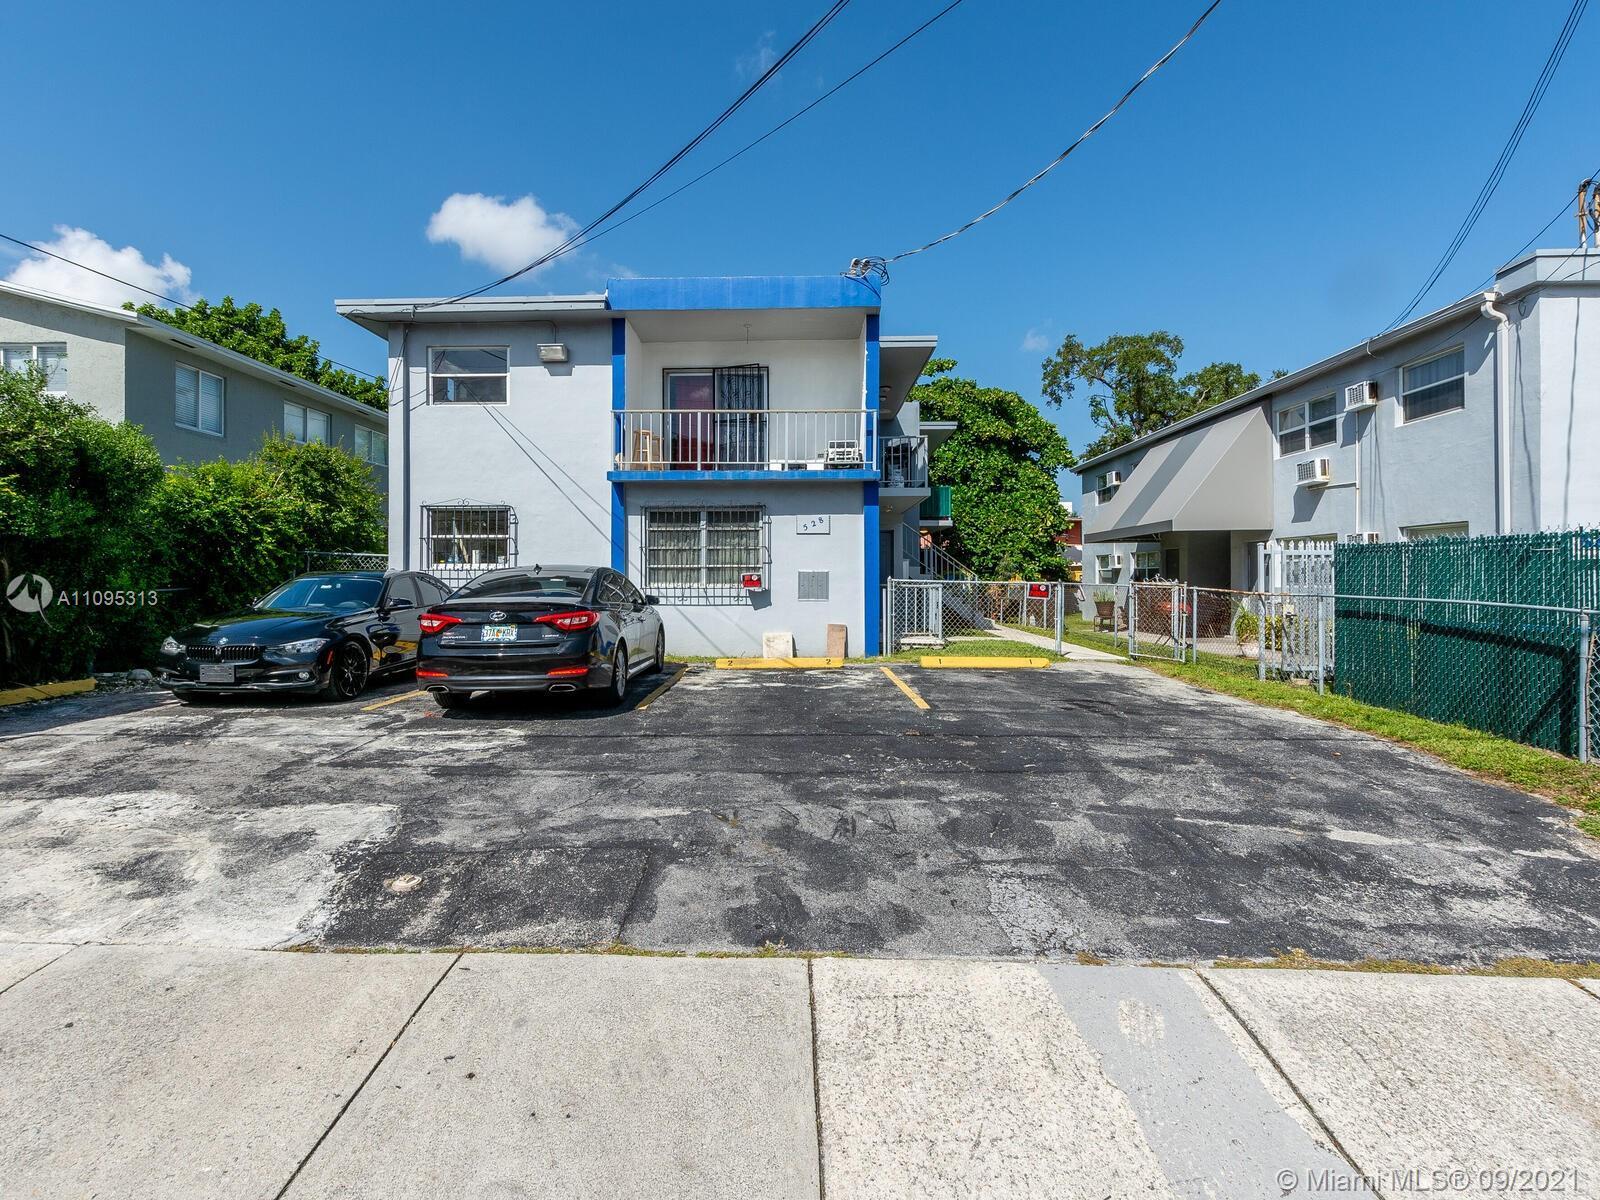 528 10th Ave, Miami, Florida 33136